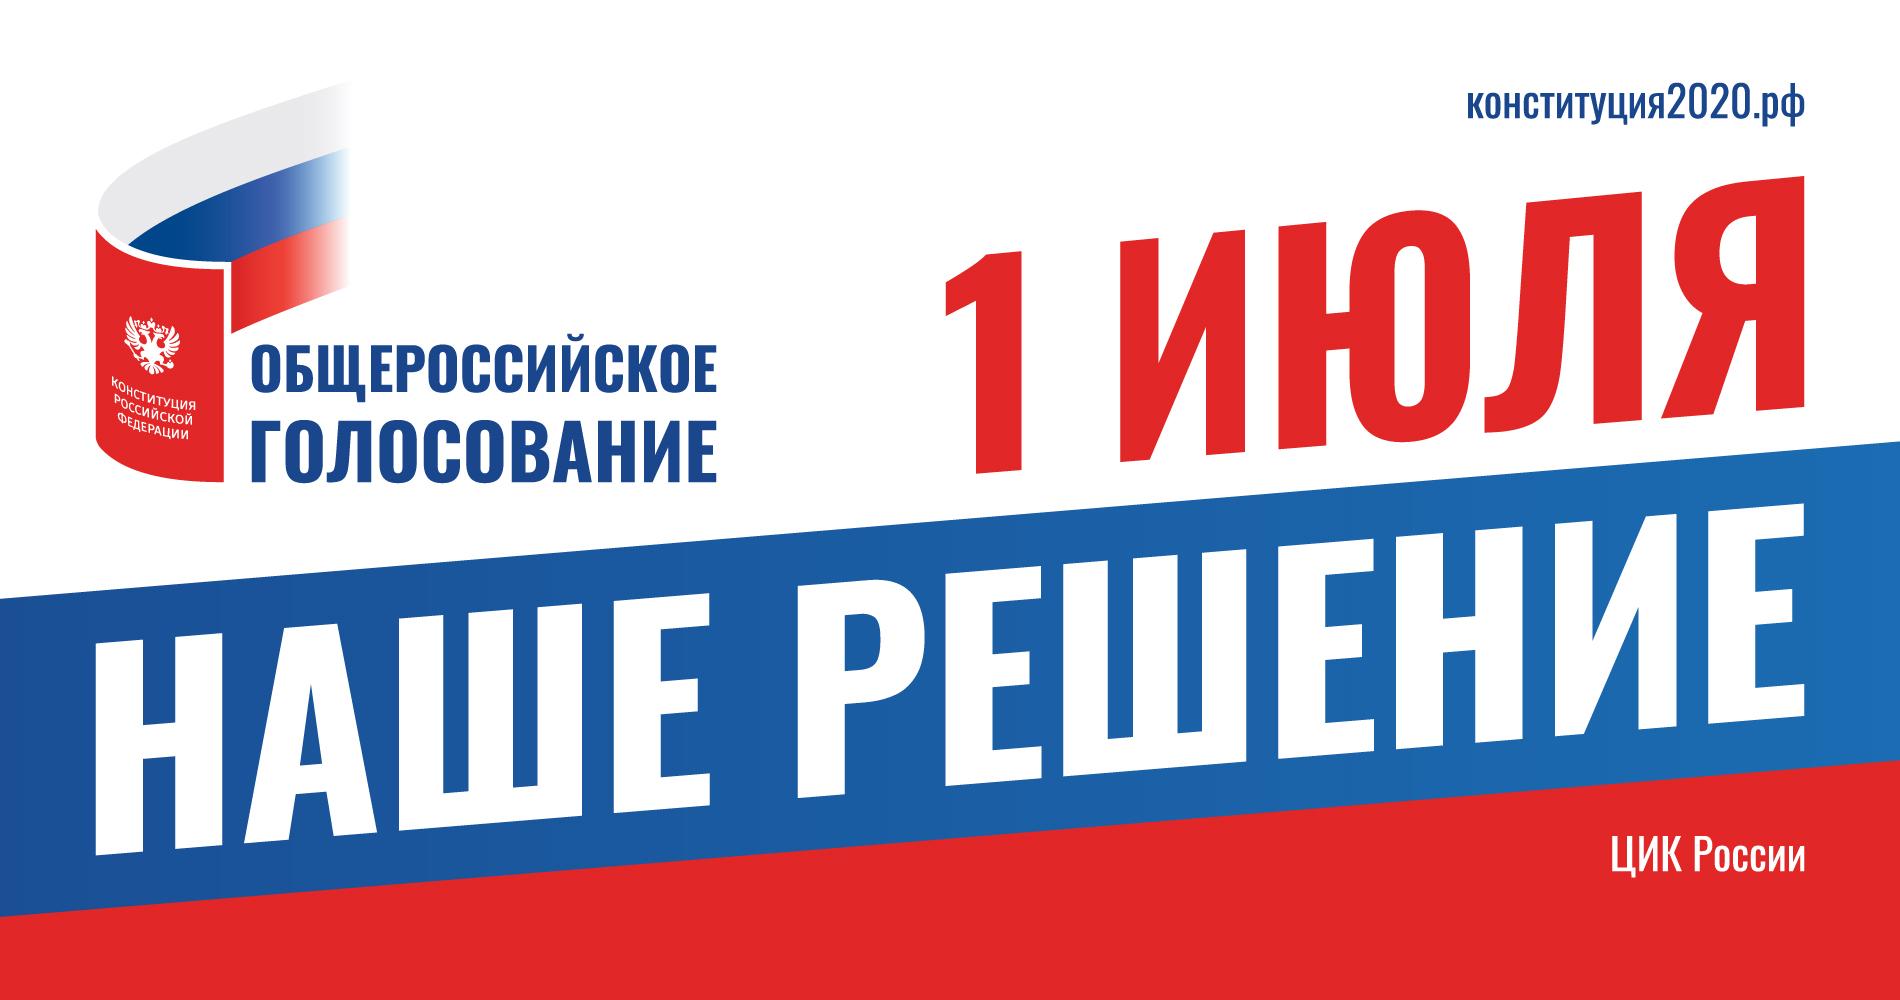 ВТверской областиотгрузили СИЗы для участников голосованияпо изменениям в Конституцию